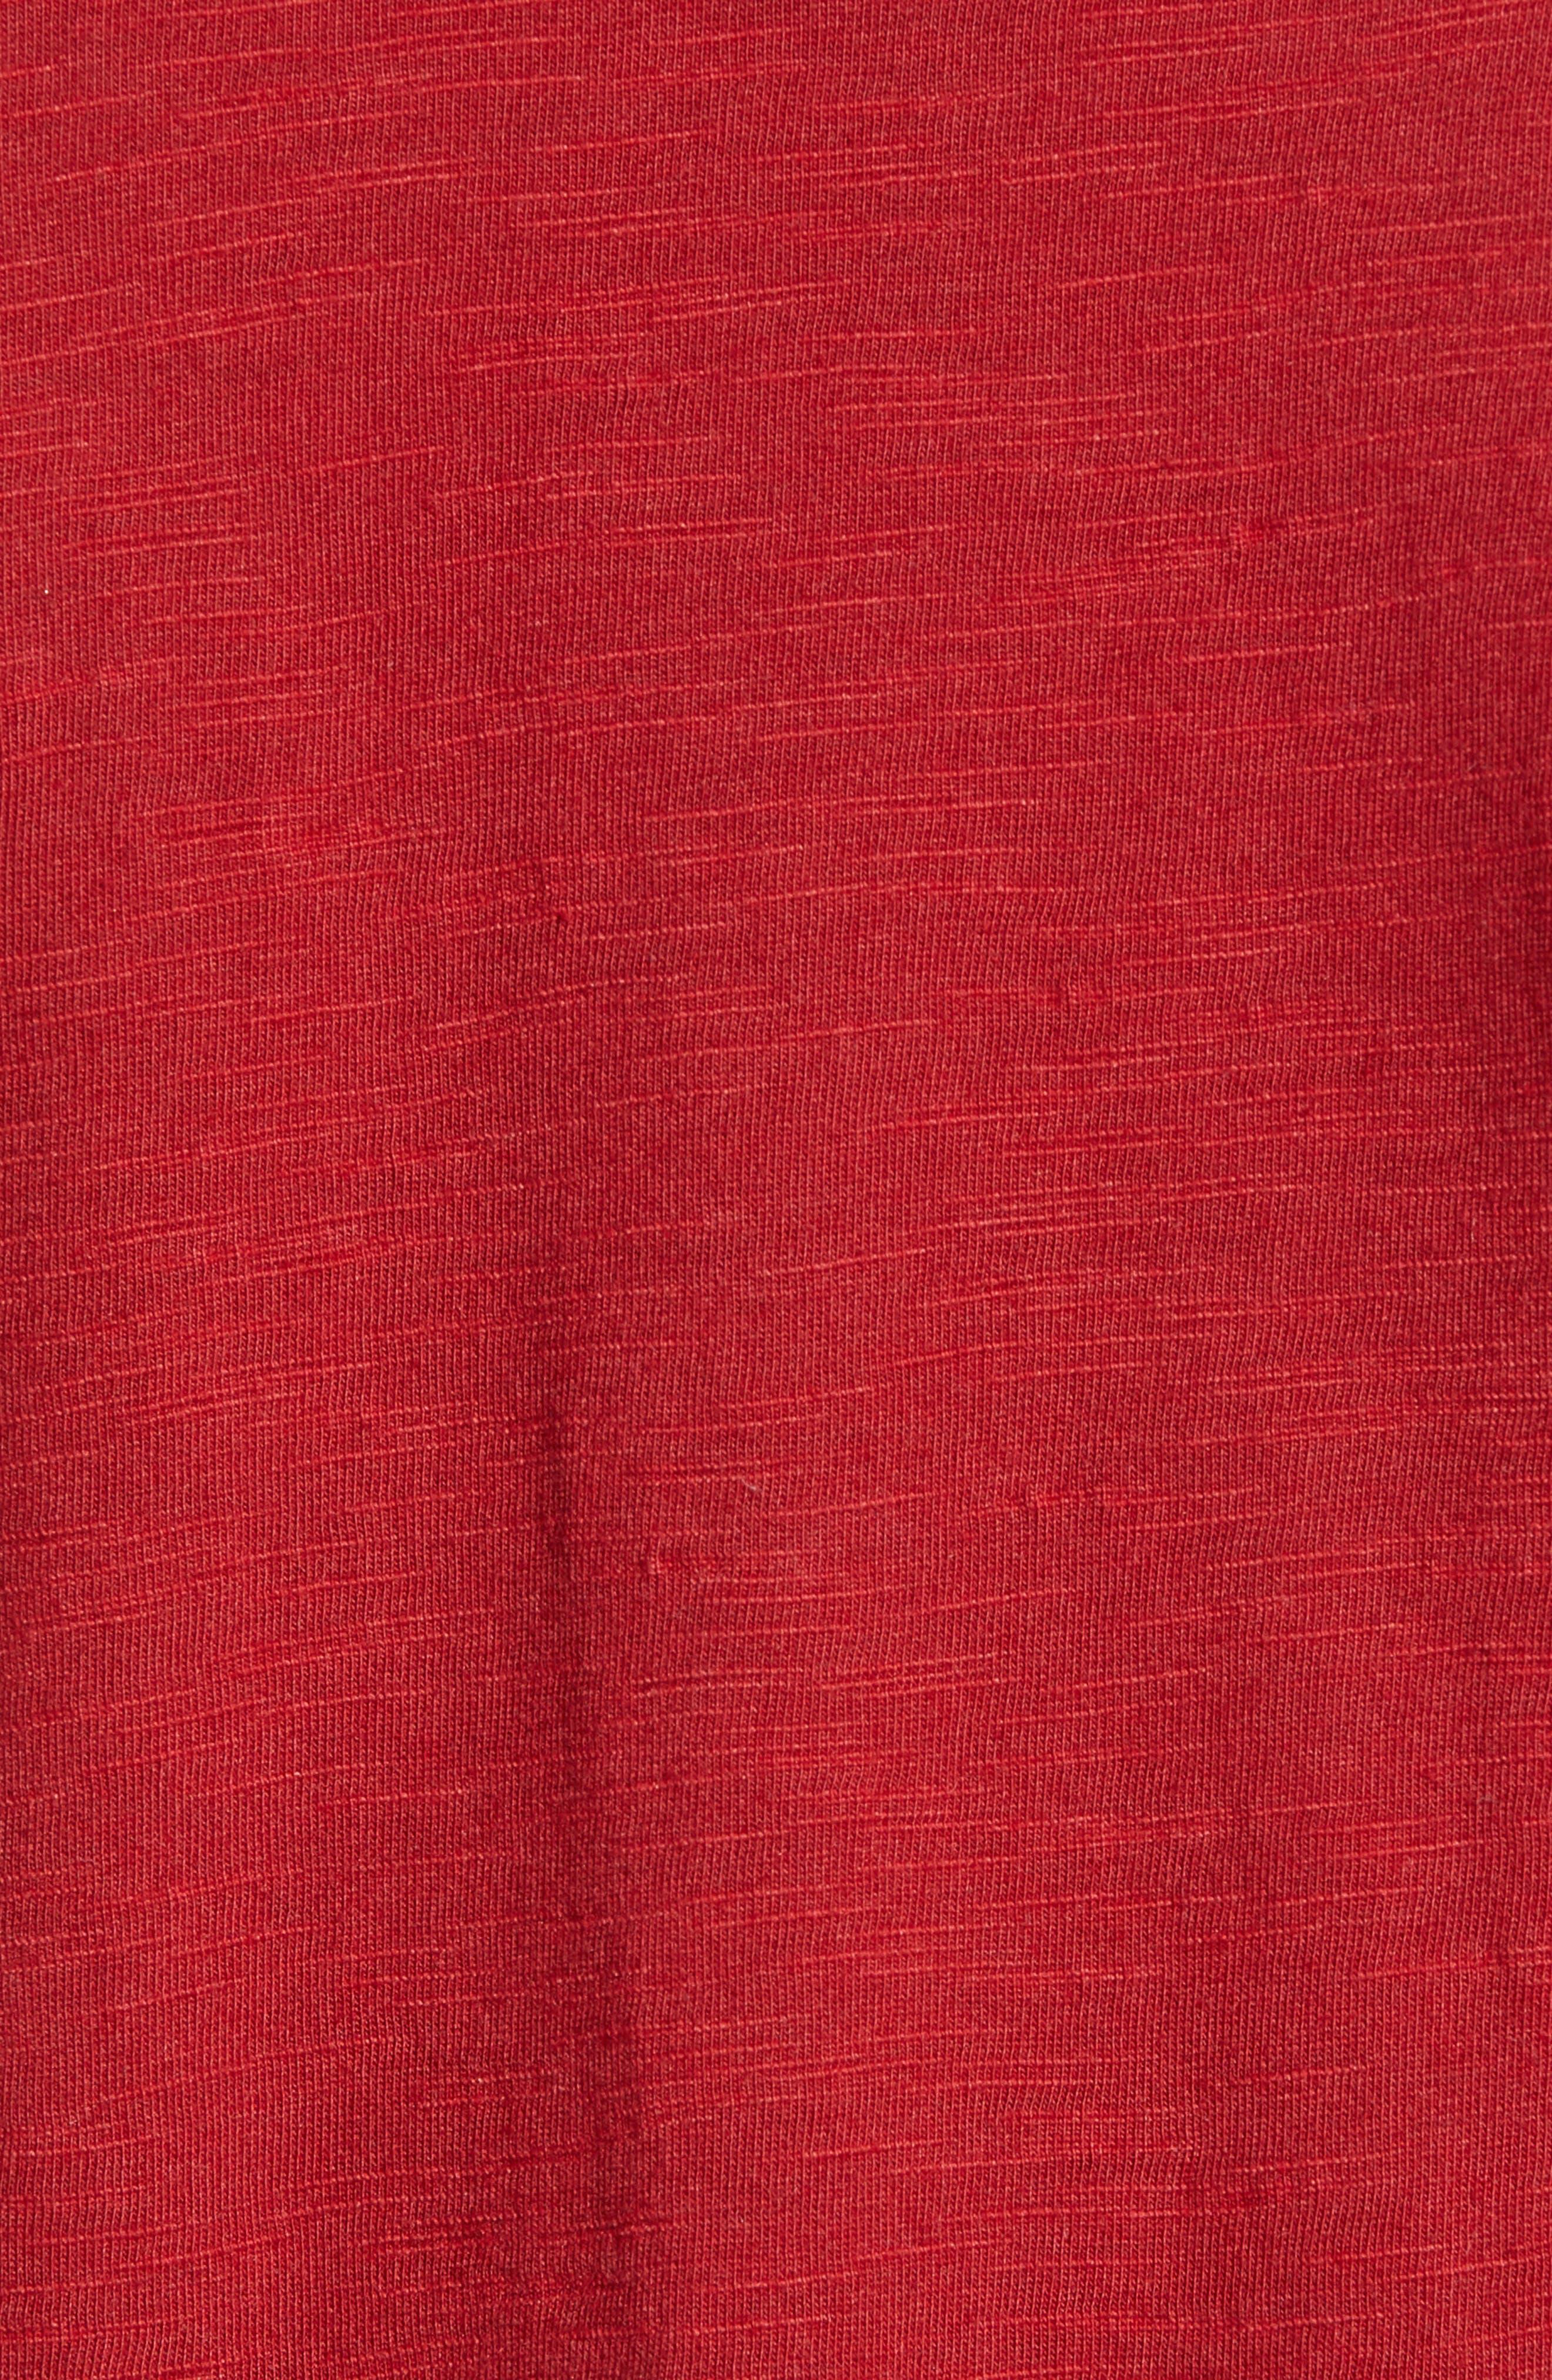 Peplum Tee,                             Alternate thumbnail 53, color,